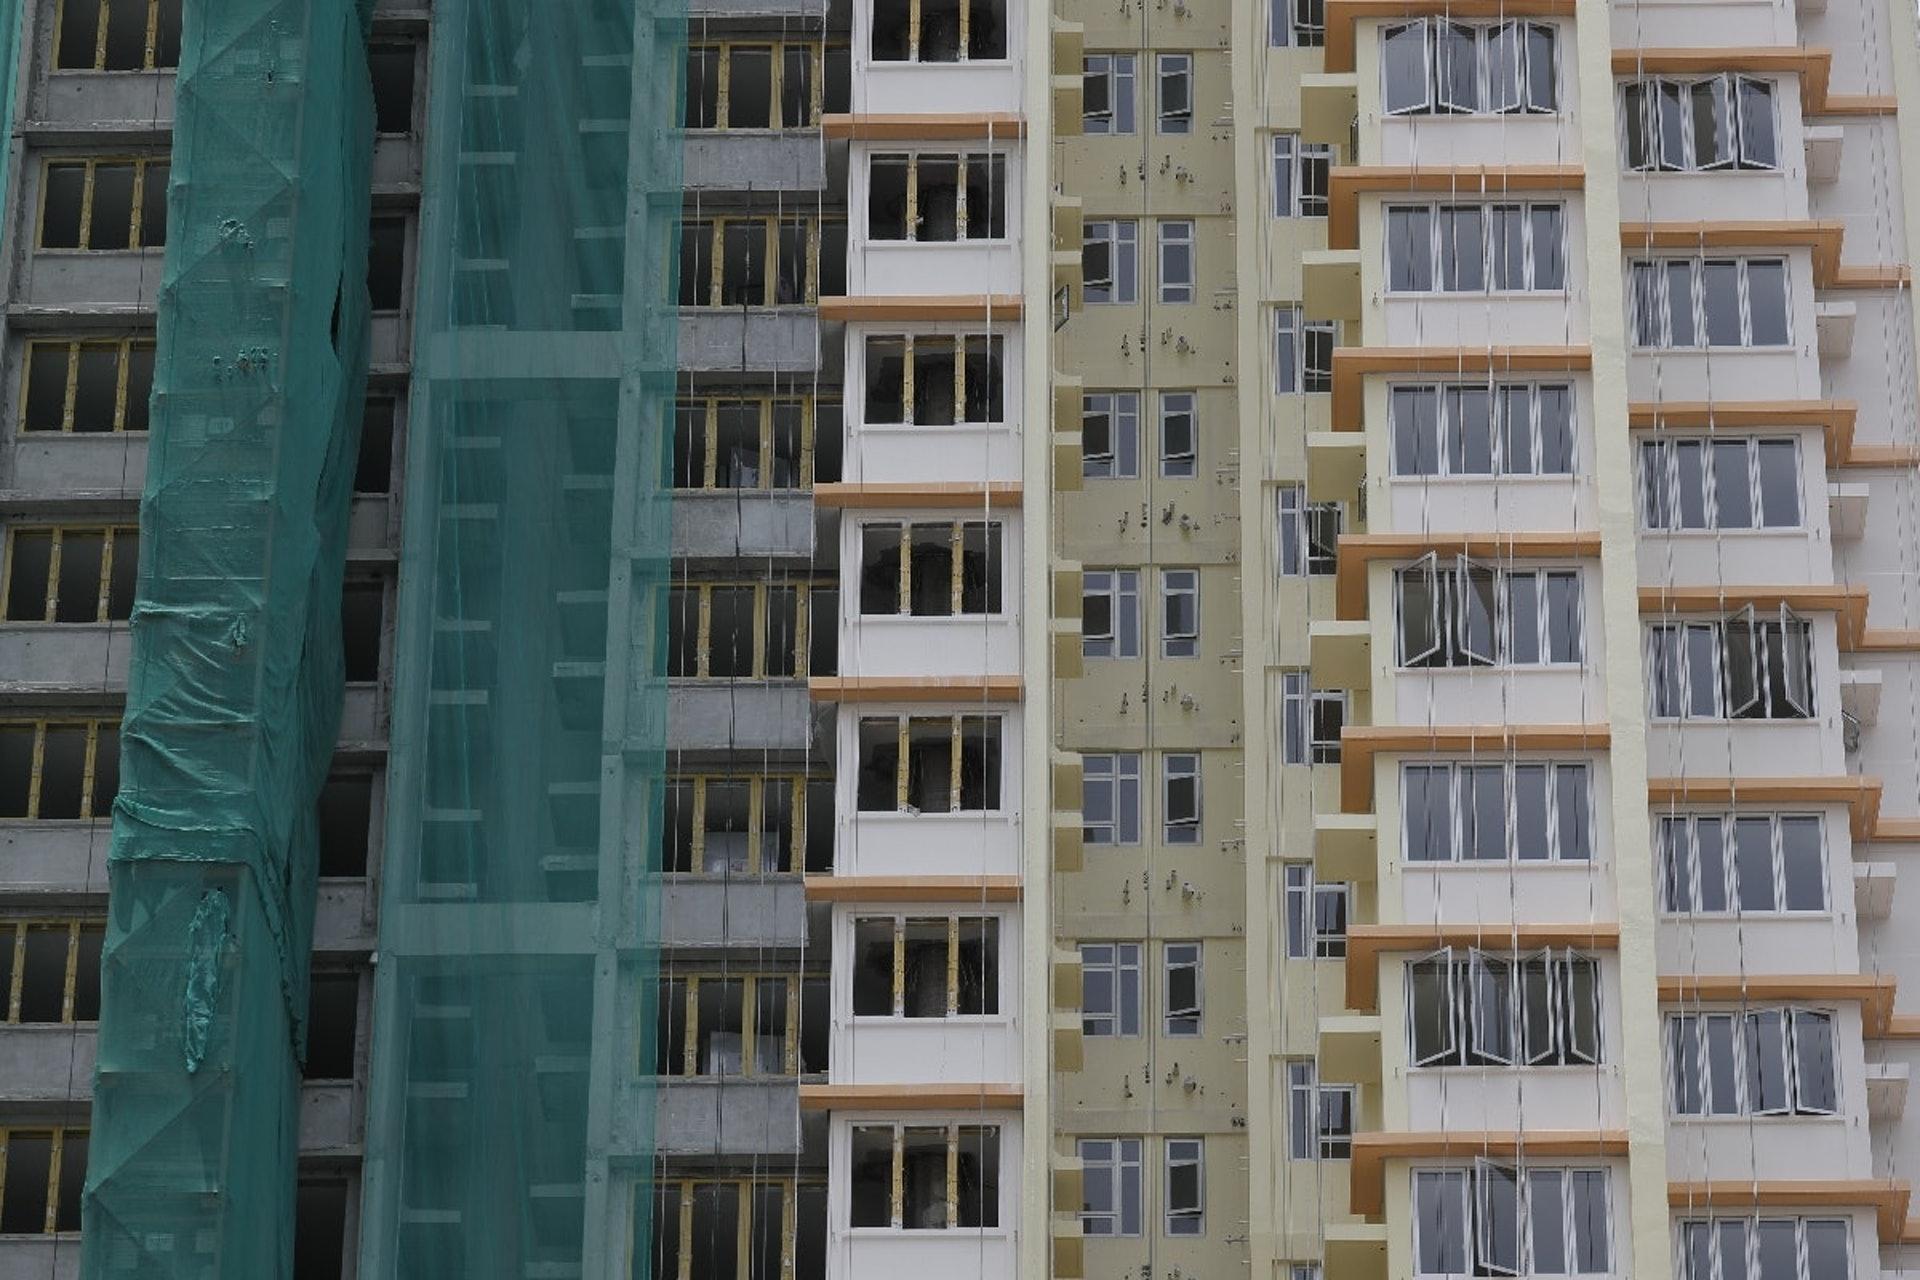 景泰苑是首批推出市面的綠置居單位。(資料圖片)